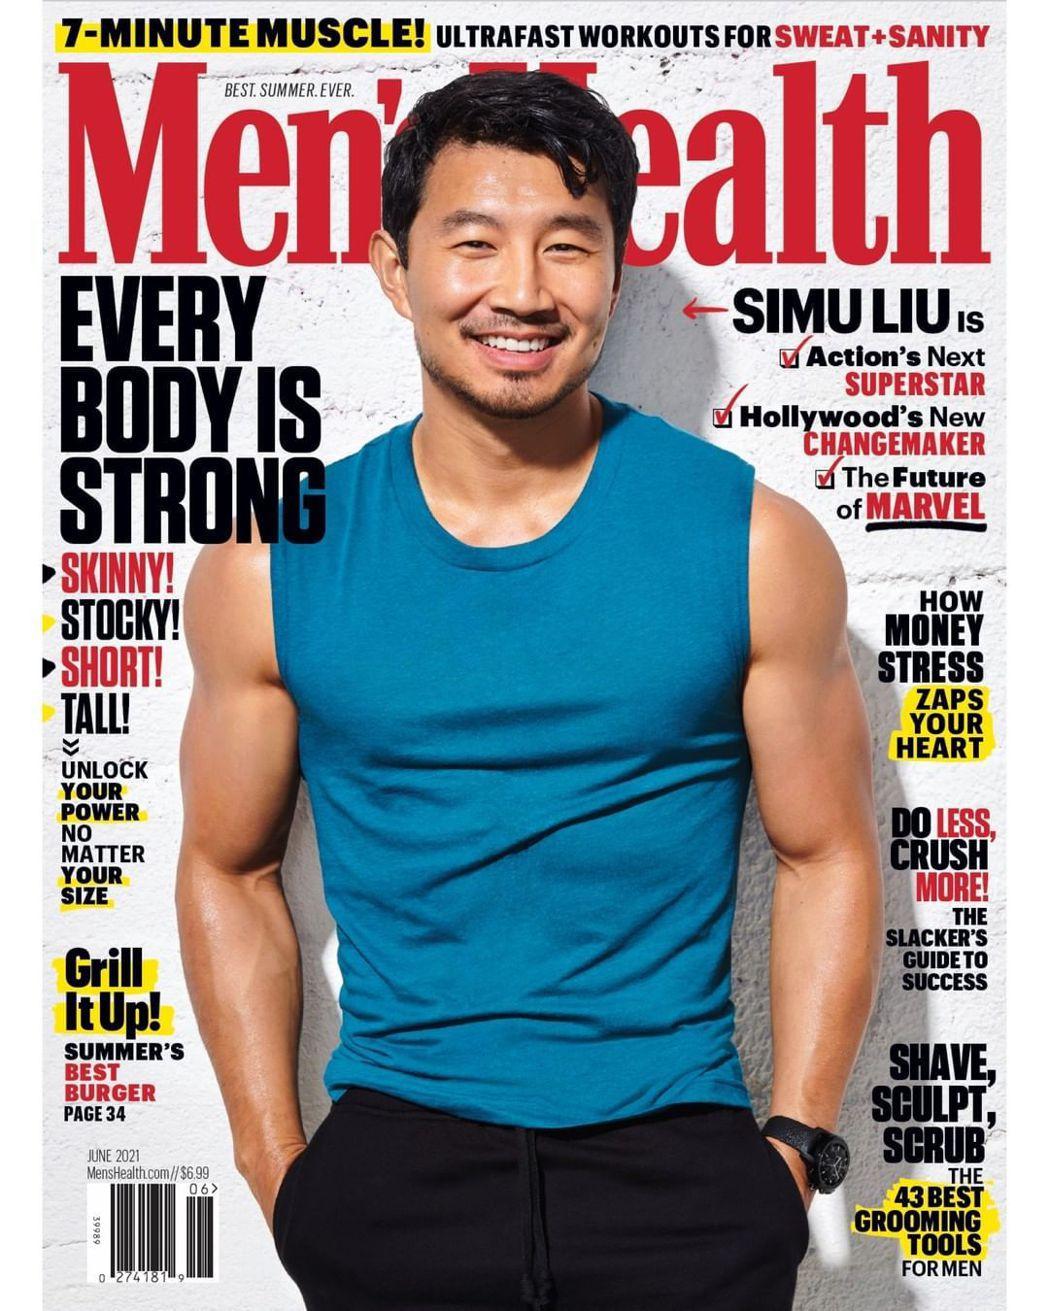 漫威安排劉思慕登上健身雜誌封面,為他強力造勢。圖/摘自IG